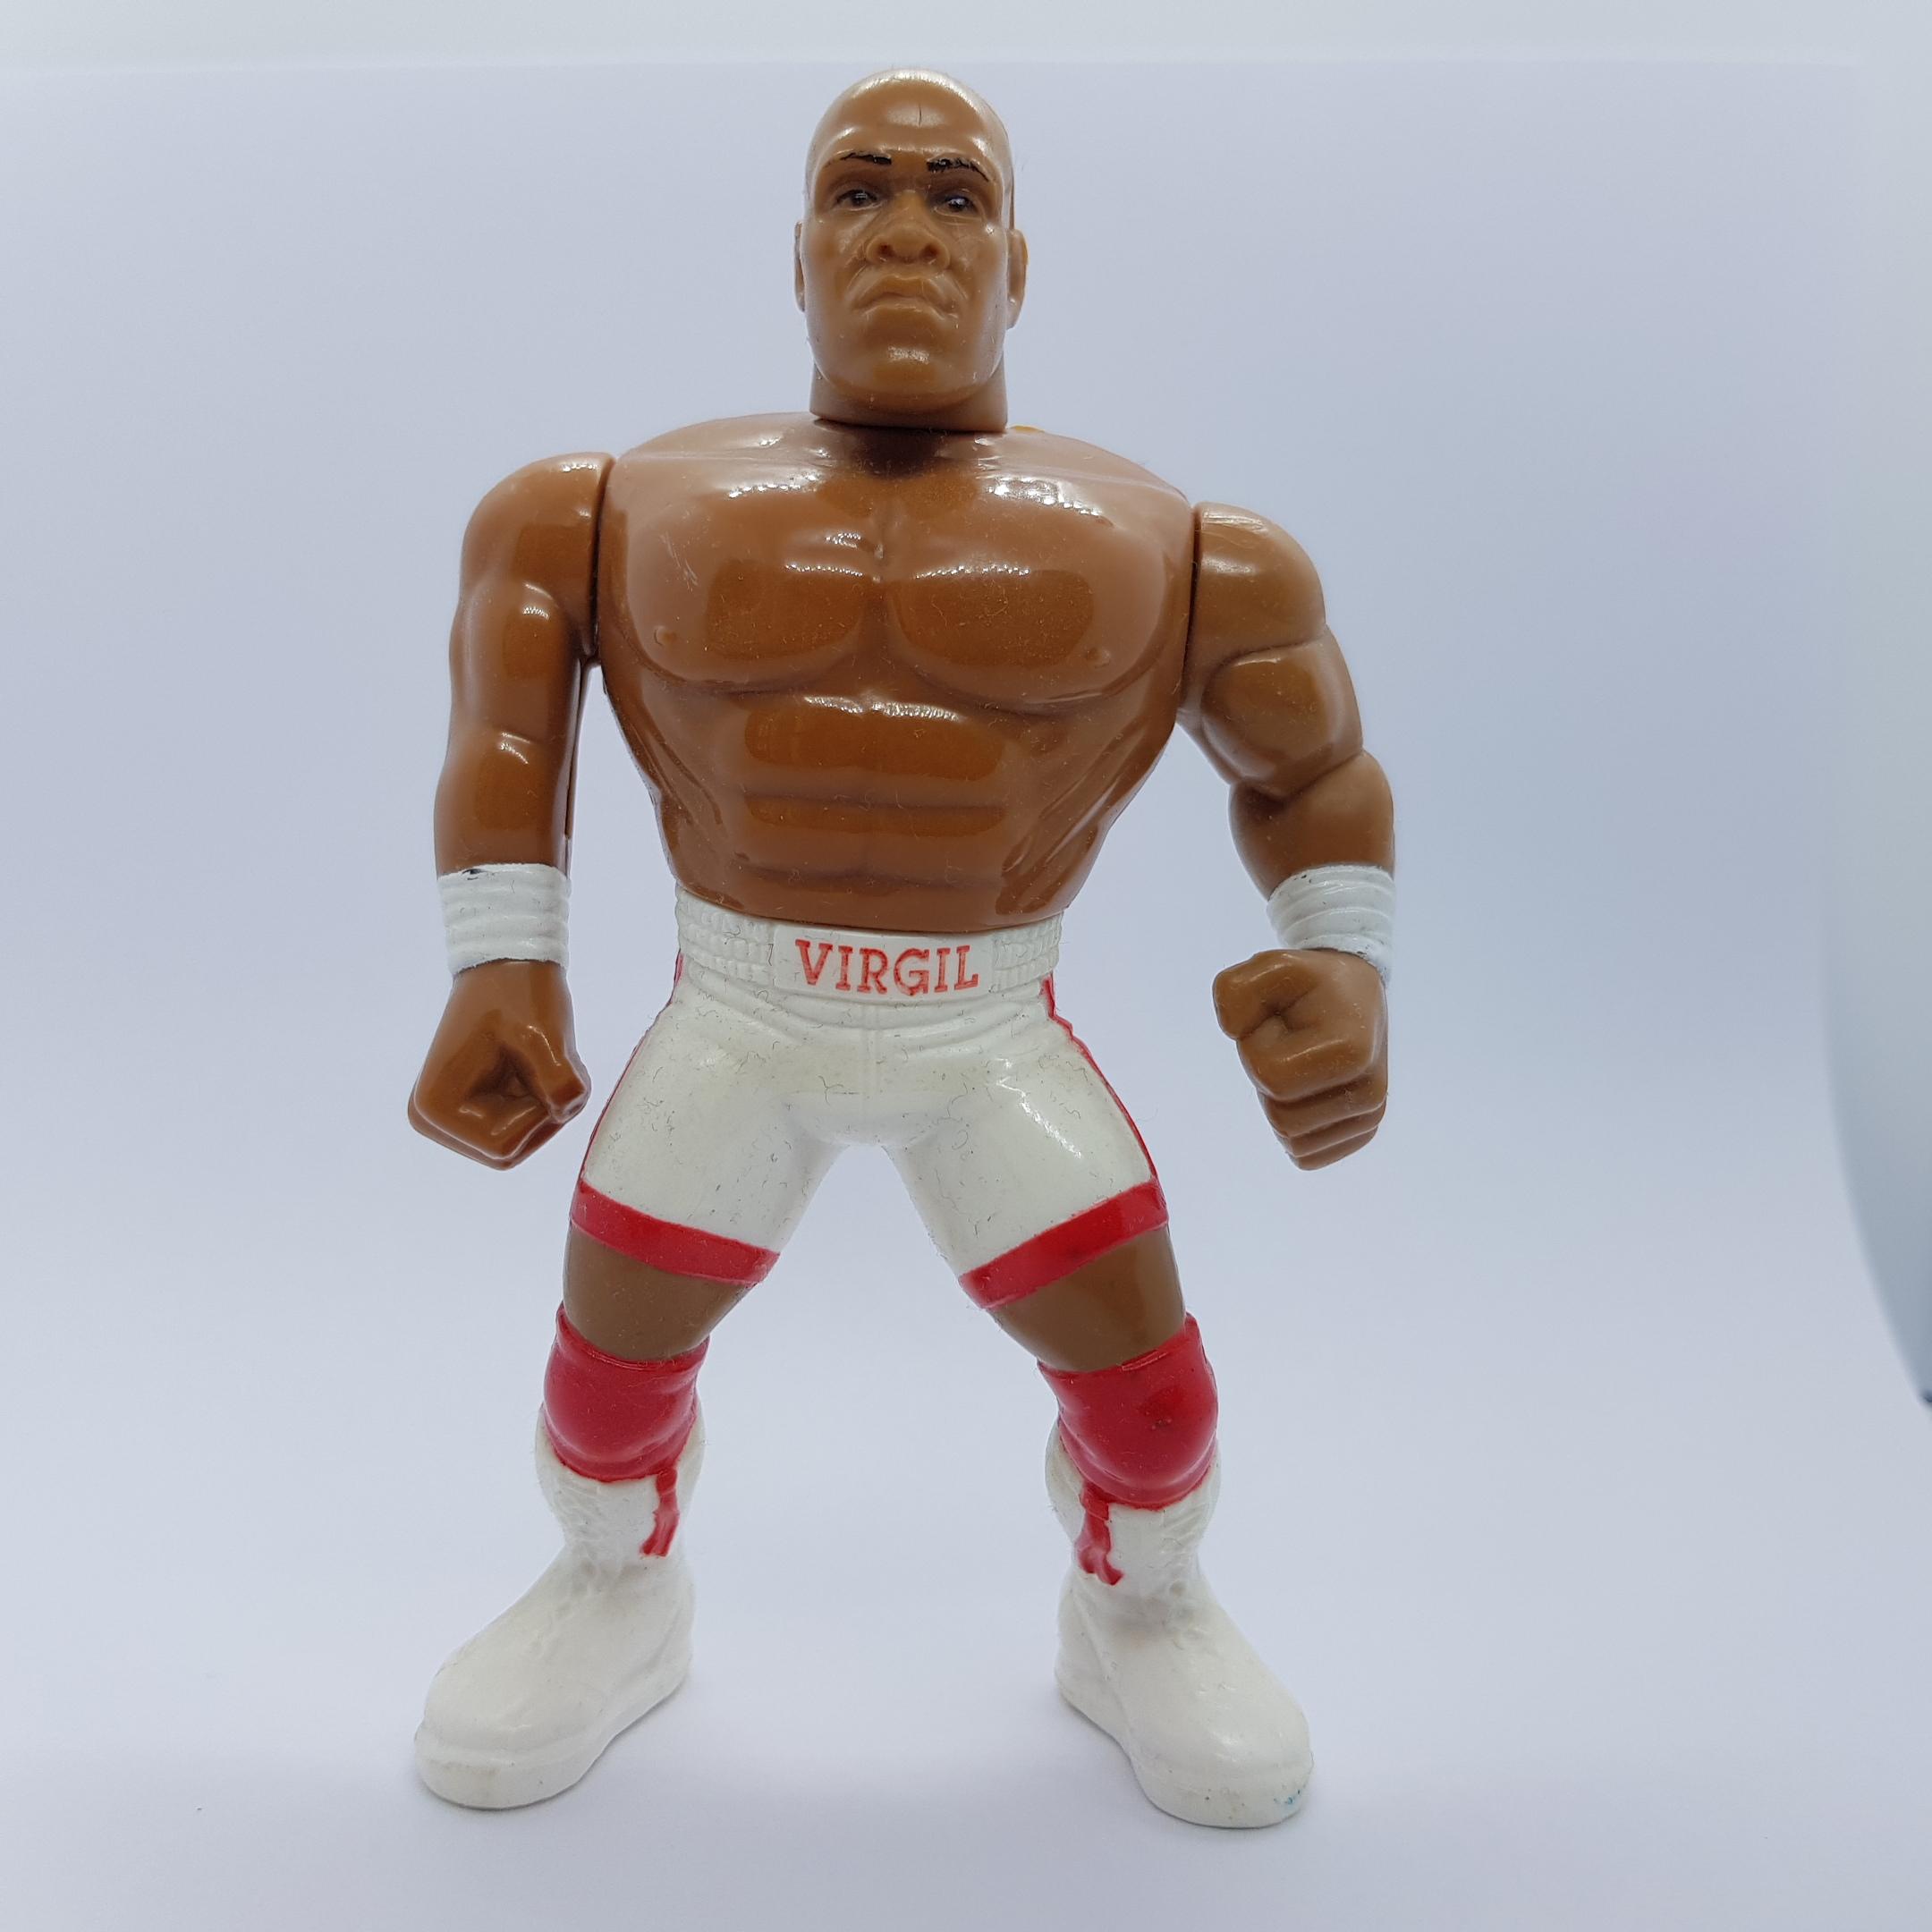 WWF Hasbro Vintage Series: VIRGIL by Hasbro